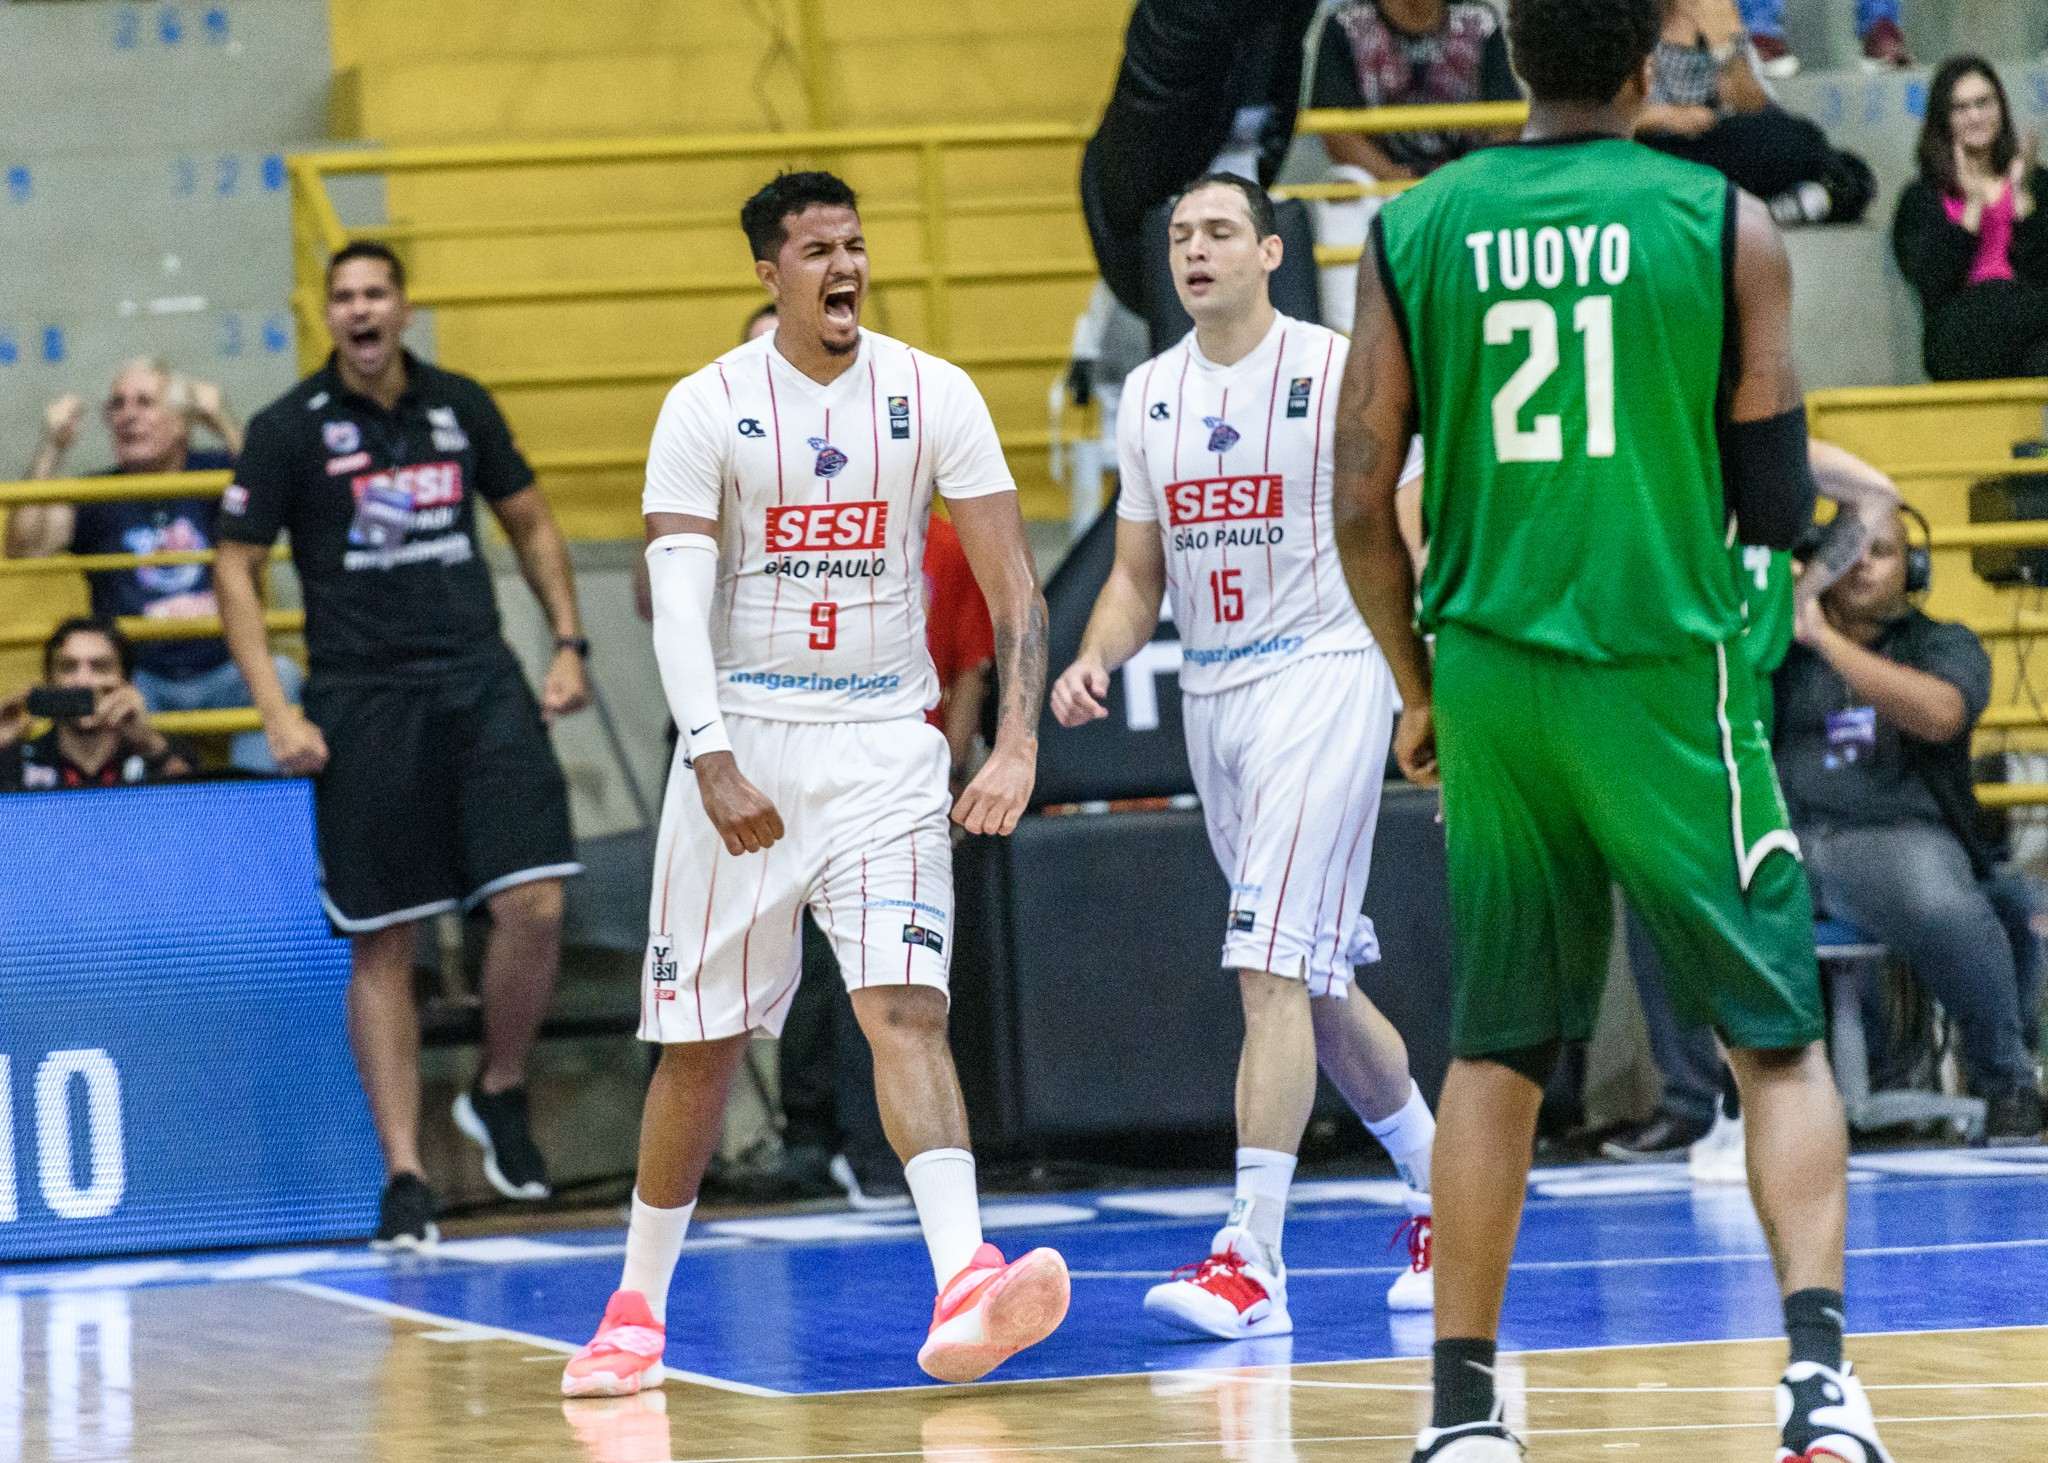 Sesi Franca vence Atenas por ampla vantagem na estreia da semifinal da Liga das Américas